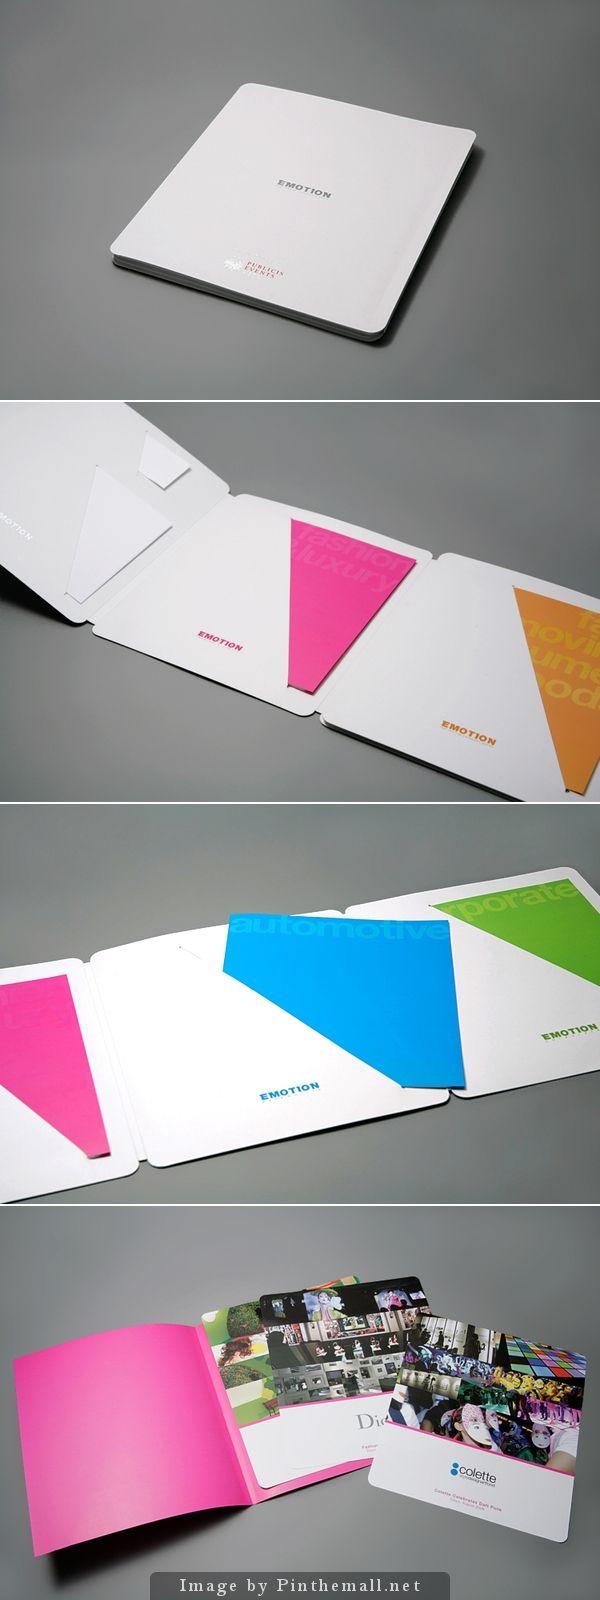 2e73016cf Me parece una idea interesante quizas para el paquete de Directoras para  presentar los nuevos moods de fragancias...   design  collateral  marketing